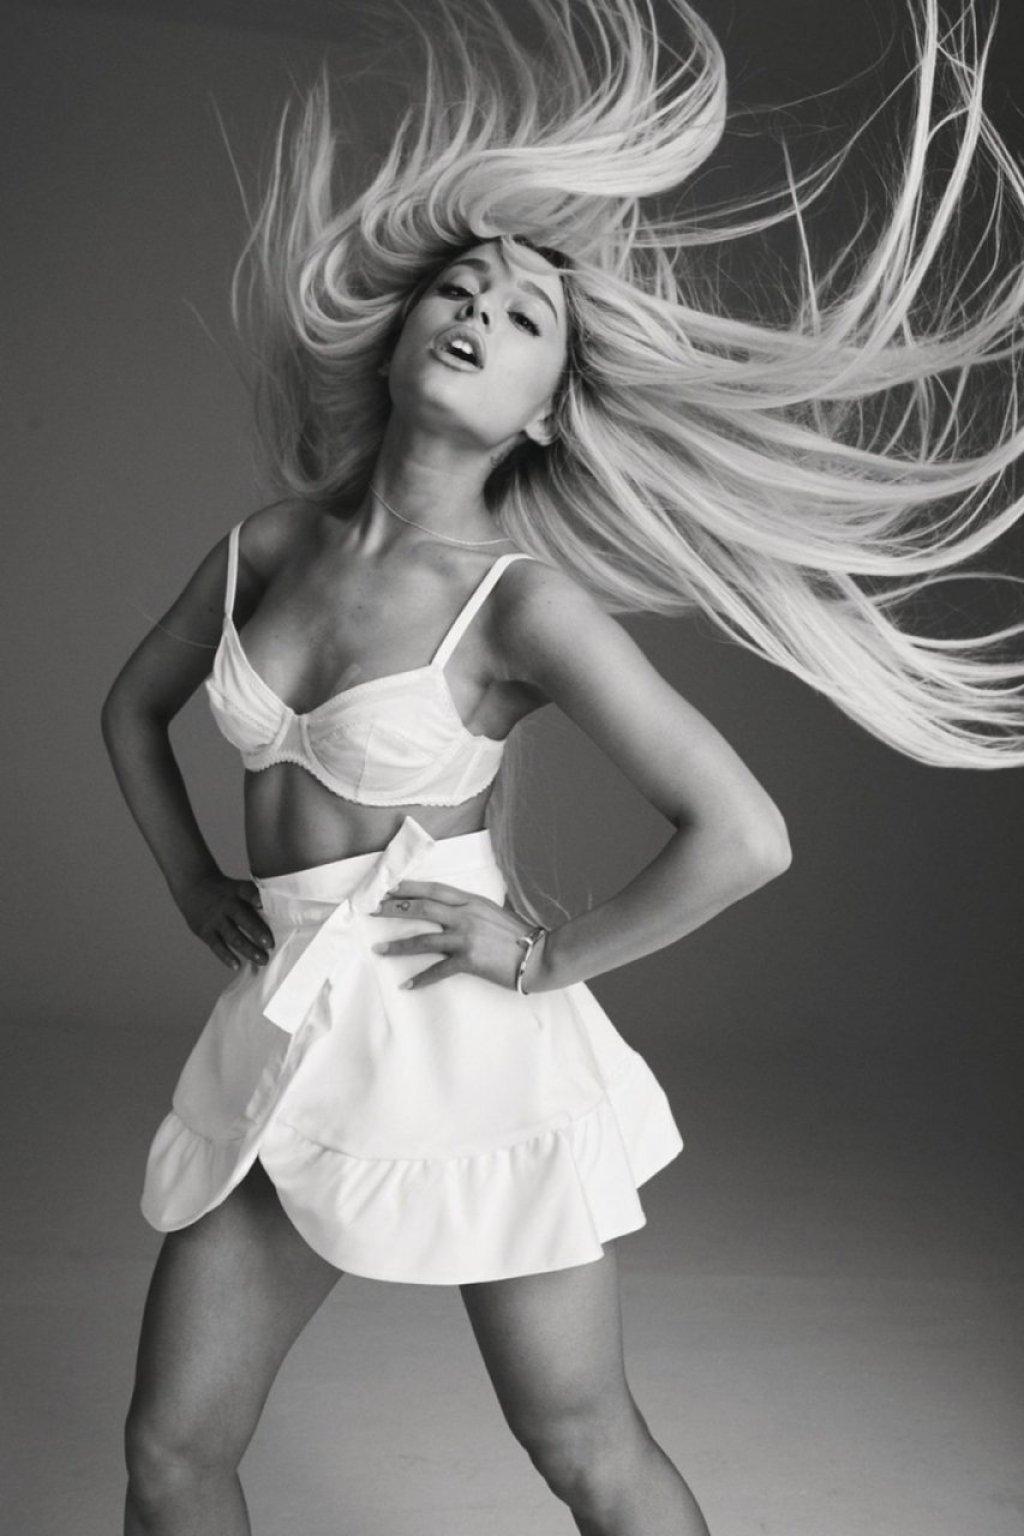 Ariana Grande Sexy & Topless (175 Photos)